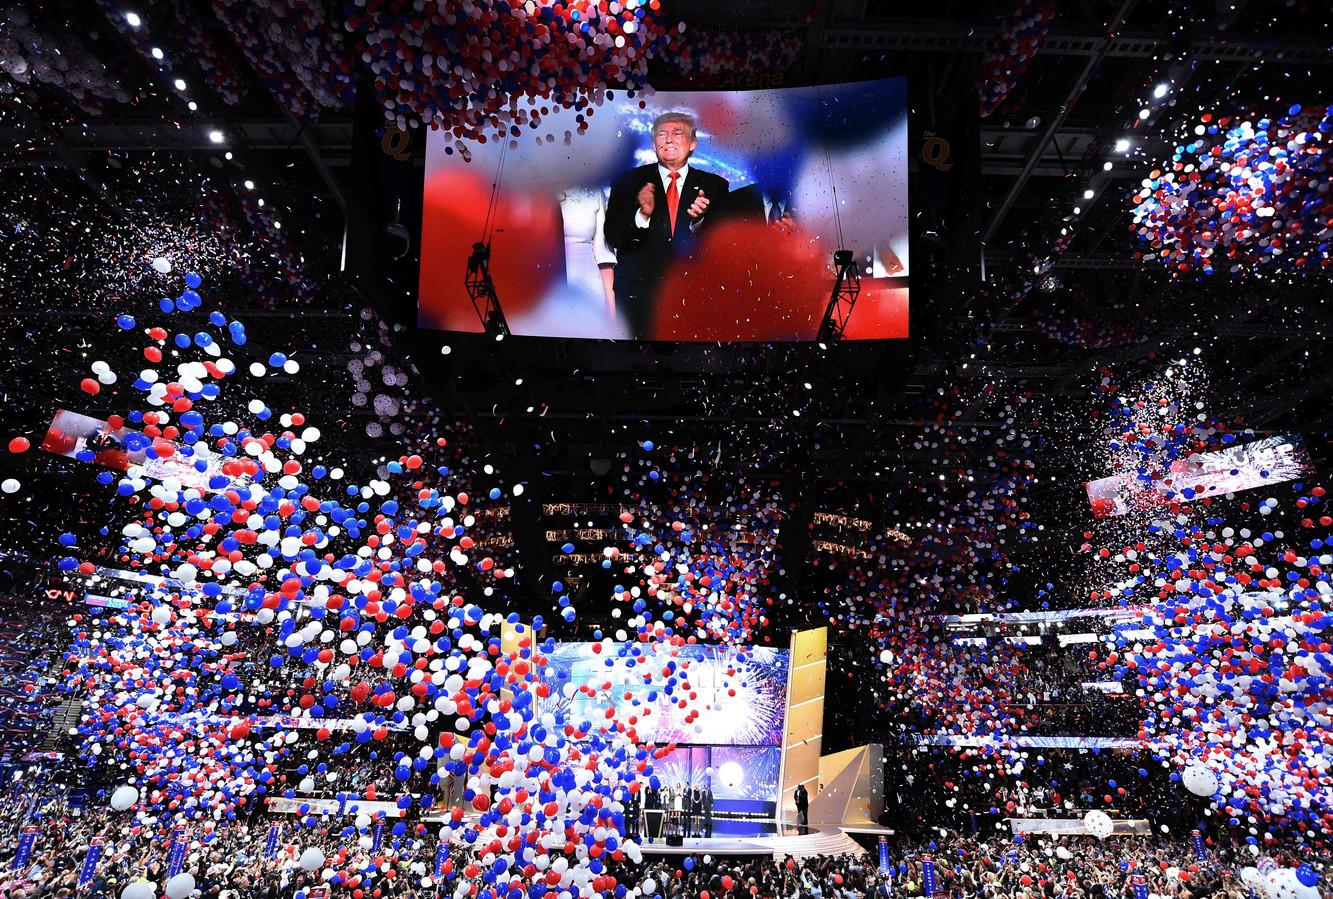 Trump op het podium tijdens de Republikeinse Conventie van 2016 in Cleveland, Ohio.